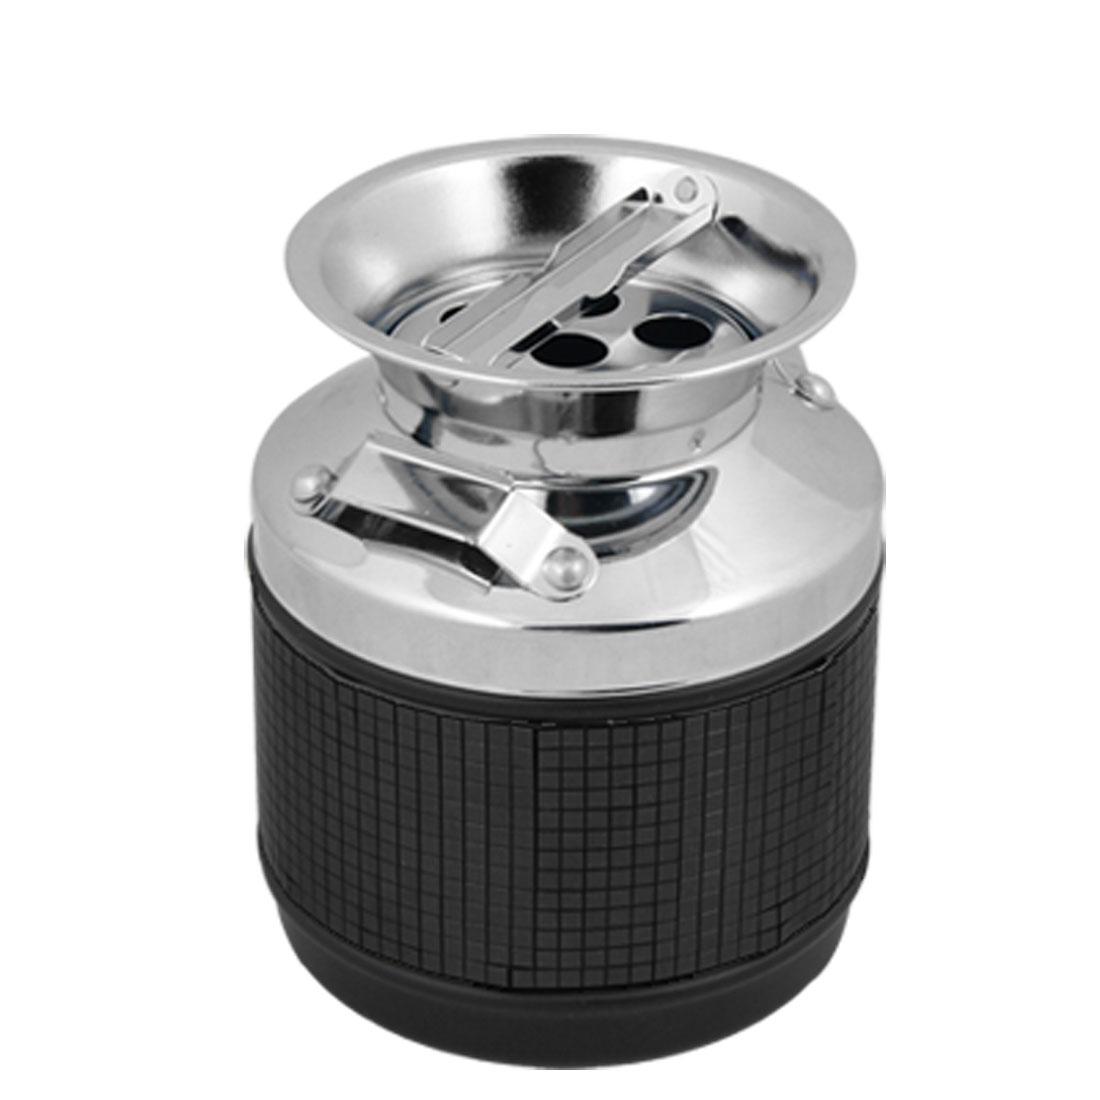 Black Checked Metal Oil Pot Cigarette Ashtray Ash Tray